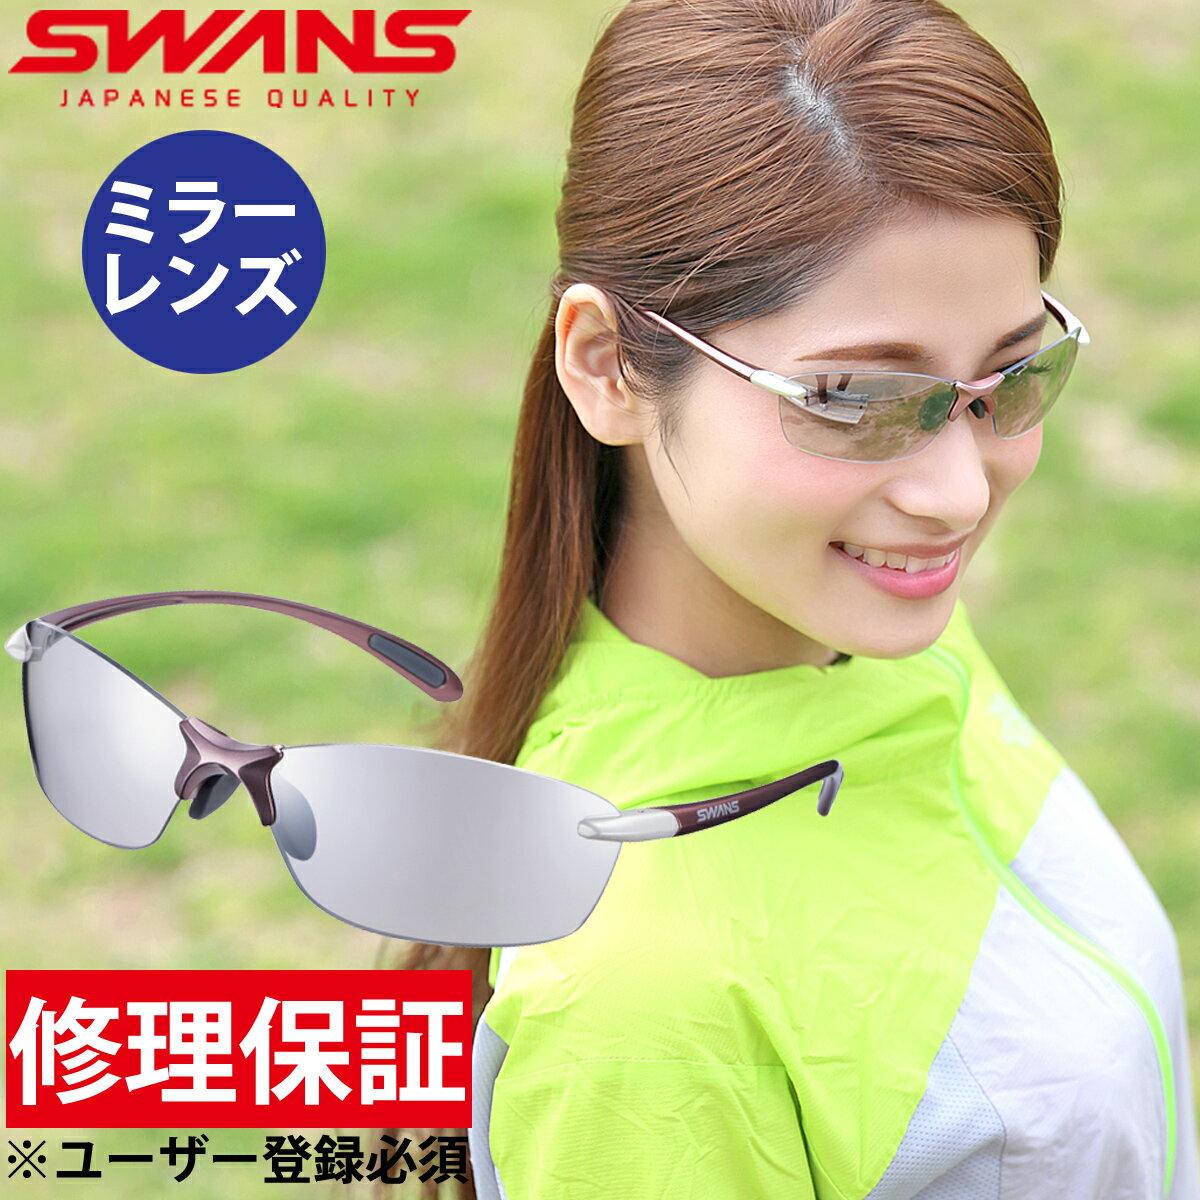 スポーツサングラス Airless Leaffit エアレス・リーフフィット ミラーレンズ SALF-0712 UV 紫外線カット サングラス メンズ おすすめ 人気 SWANS スワンズ